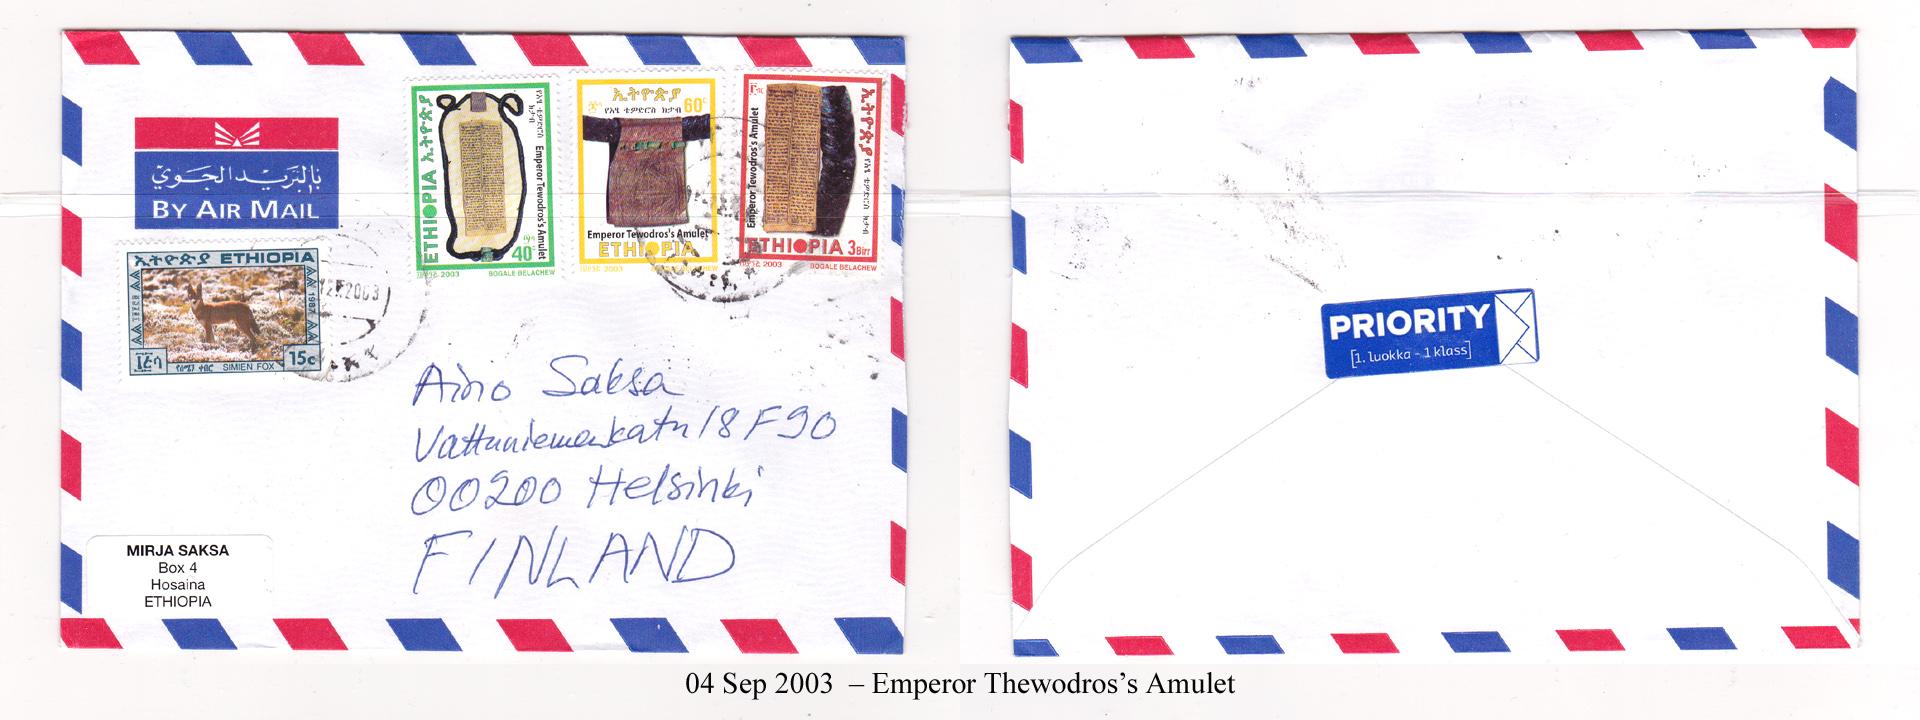 20030904 - Emperor Thewodoros amulet